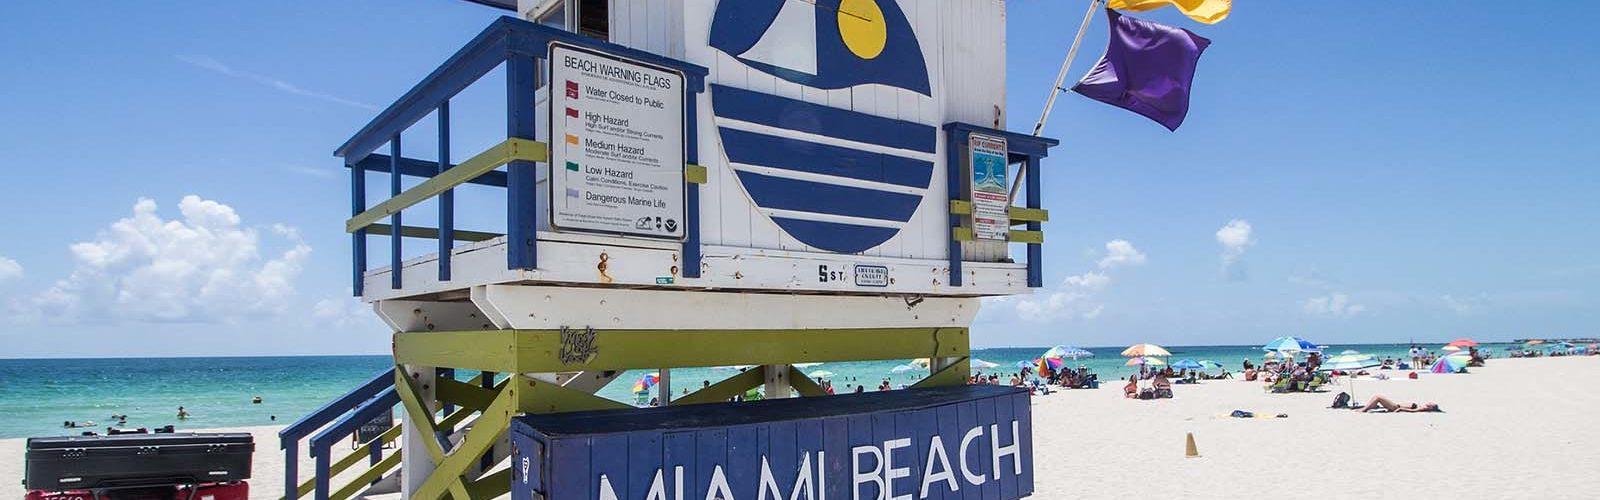 ceetiz-visiter-miami-beach-tours-attractions-activites-une-2